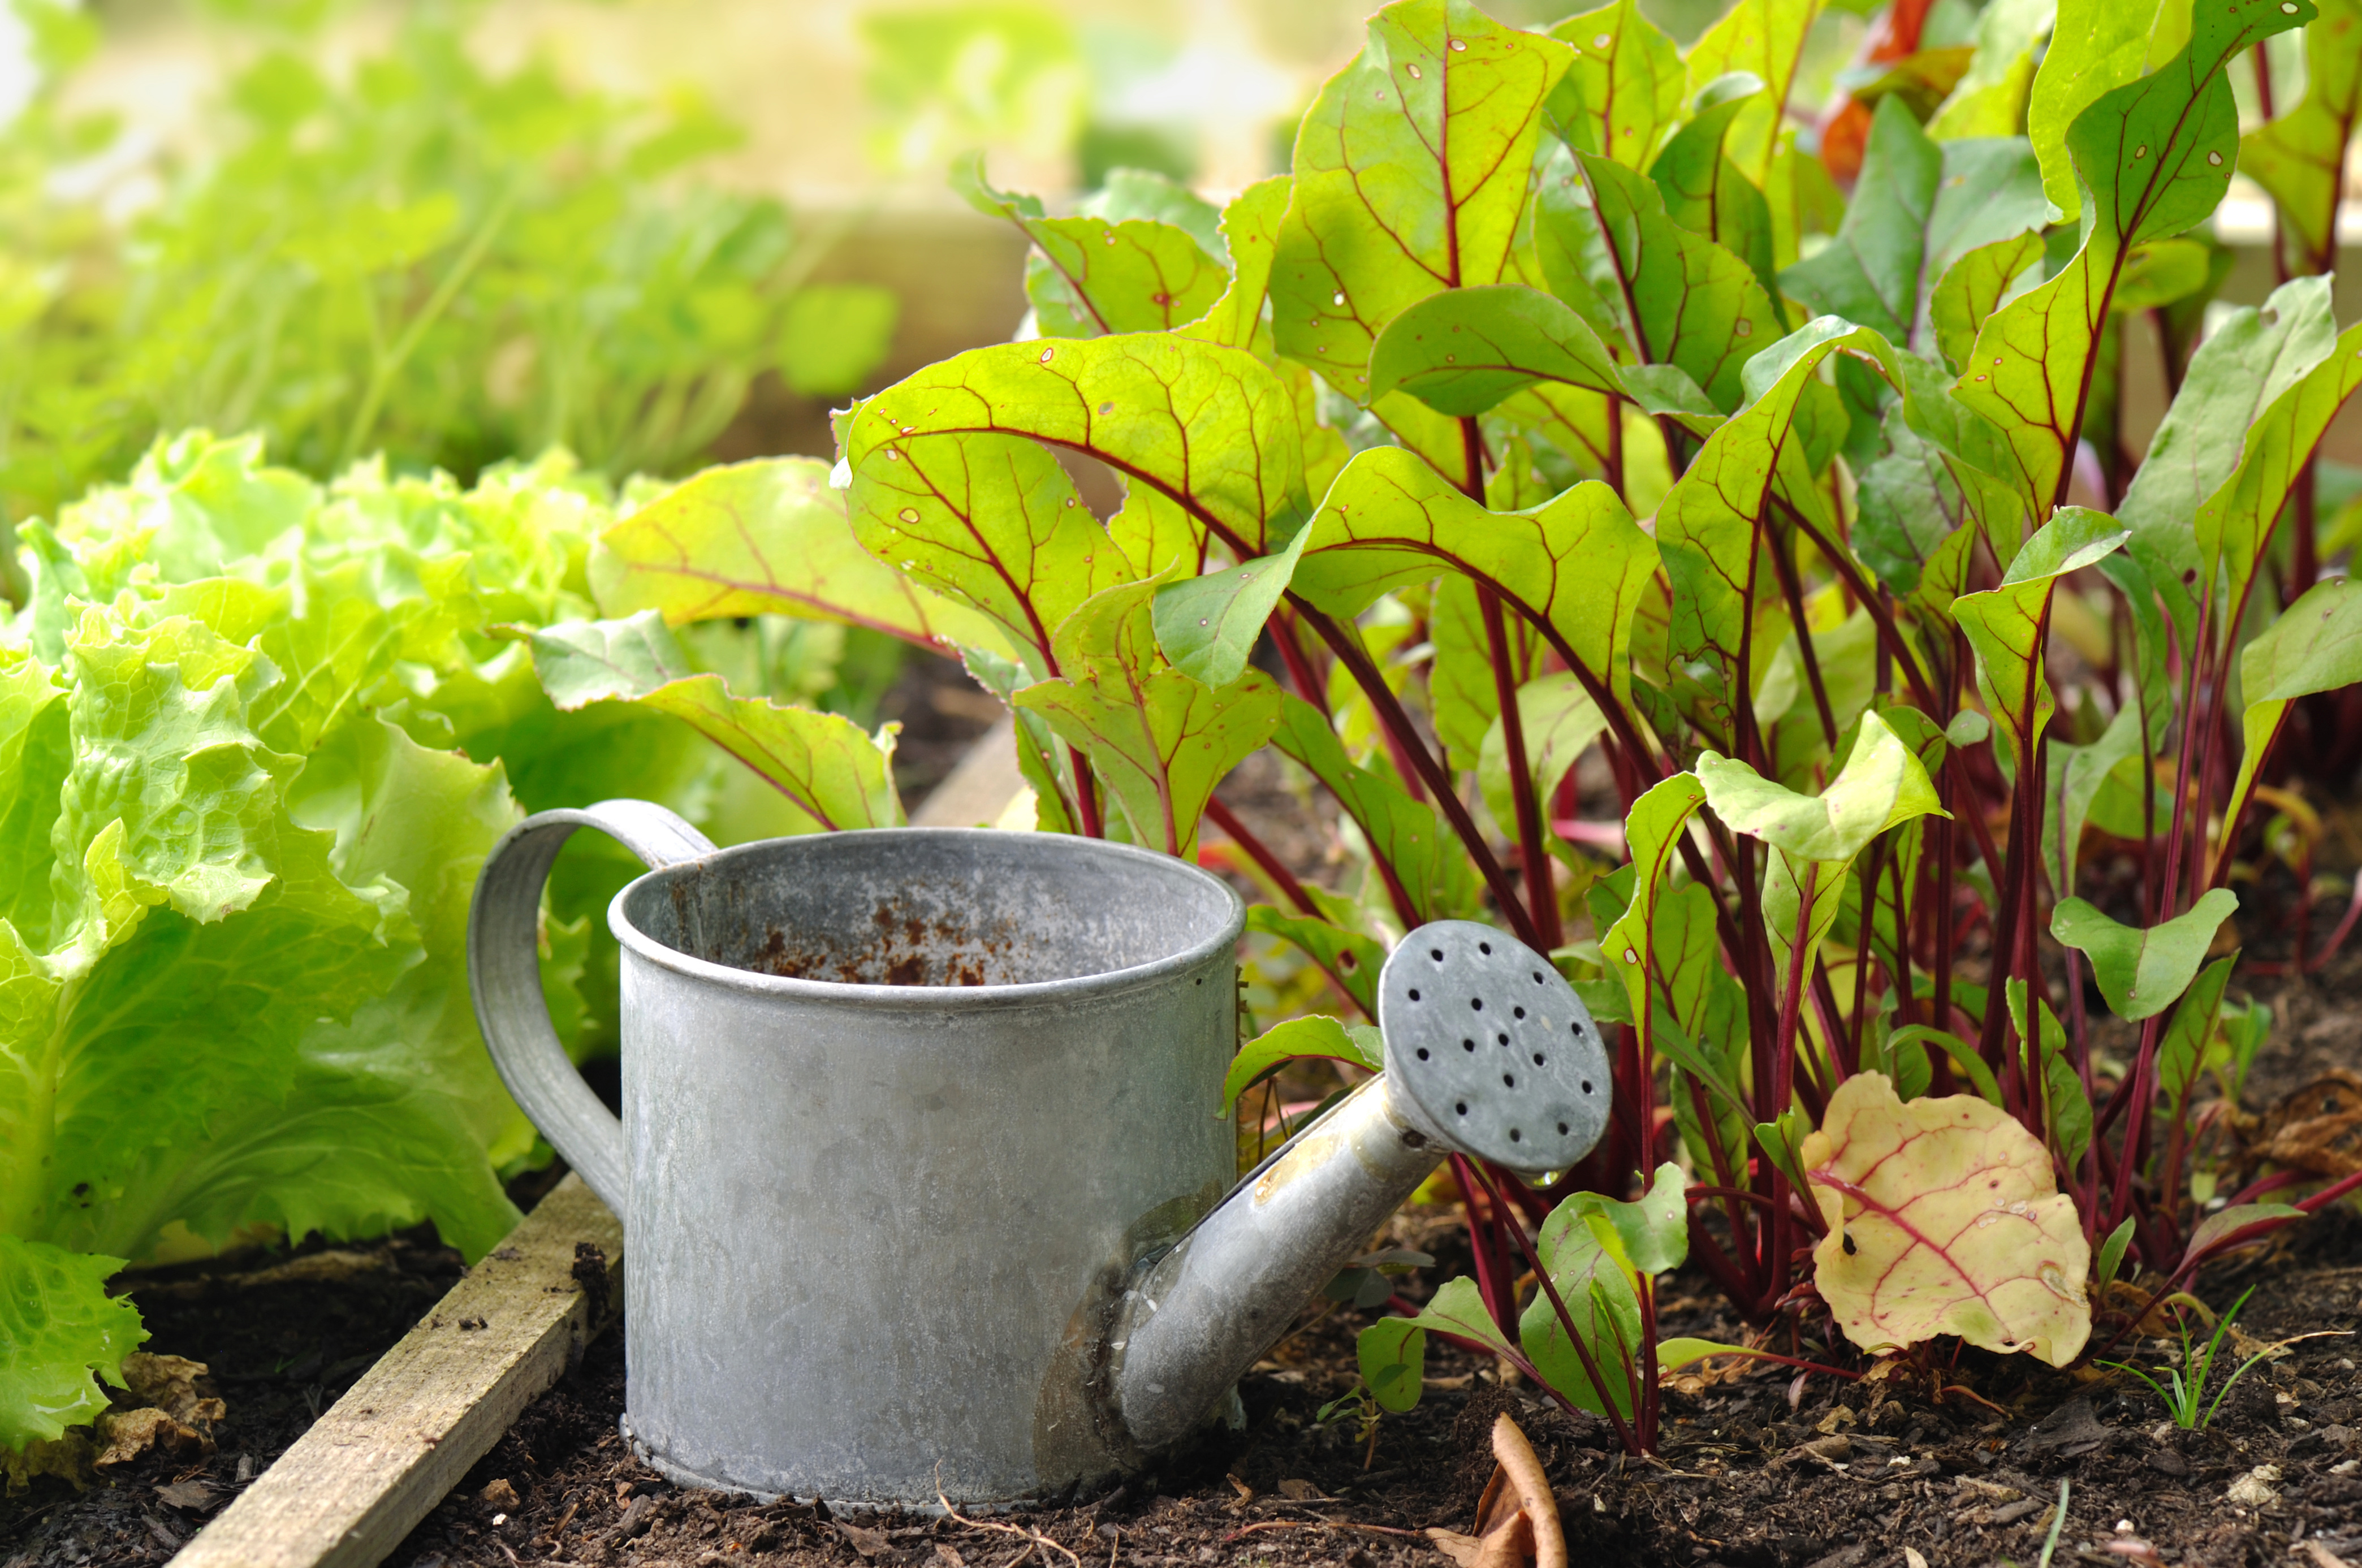 petit arrosoir dans semis de légumes d'un potager